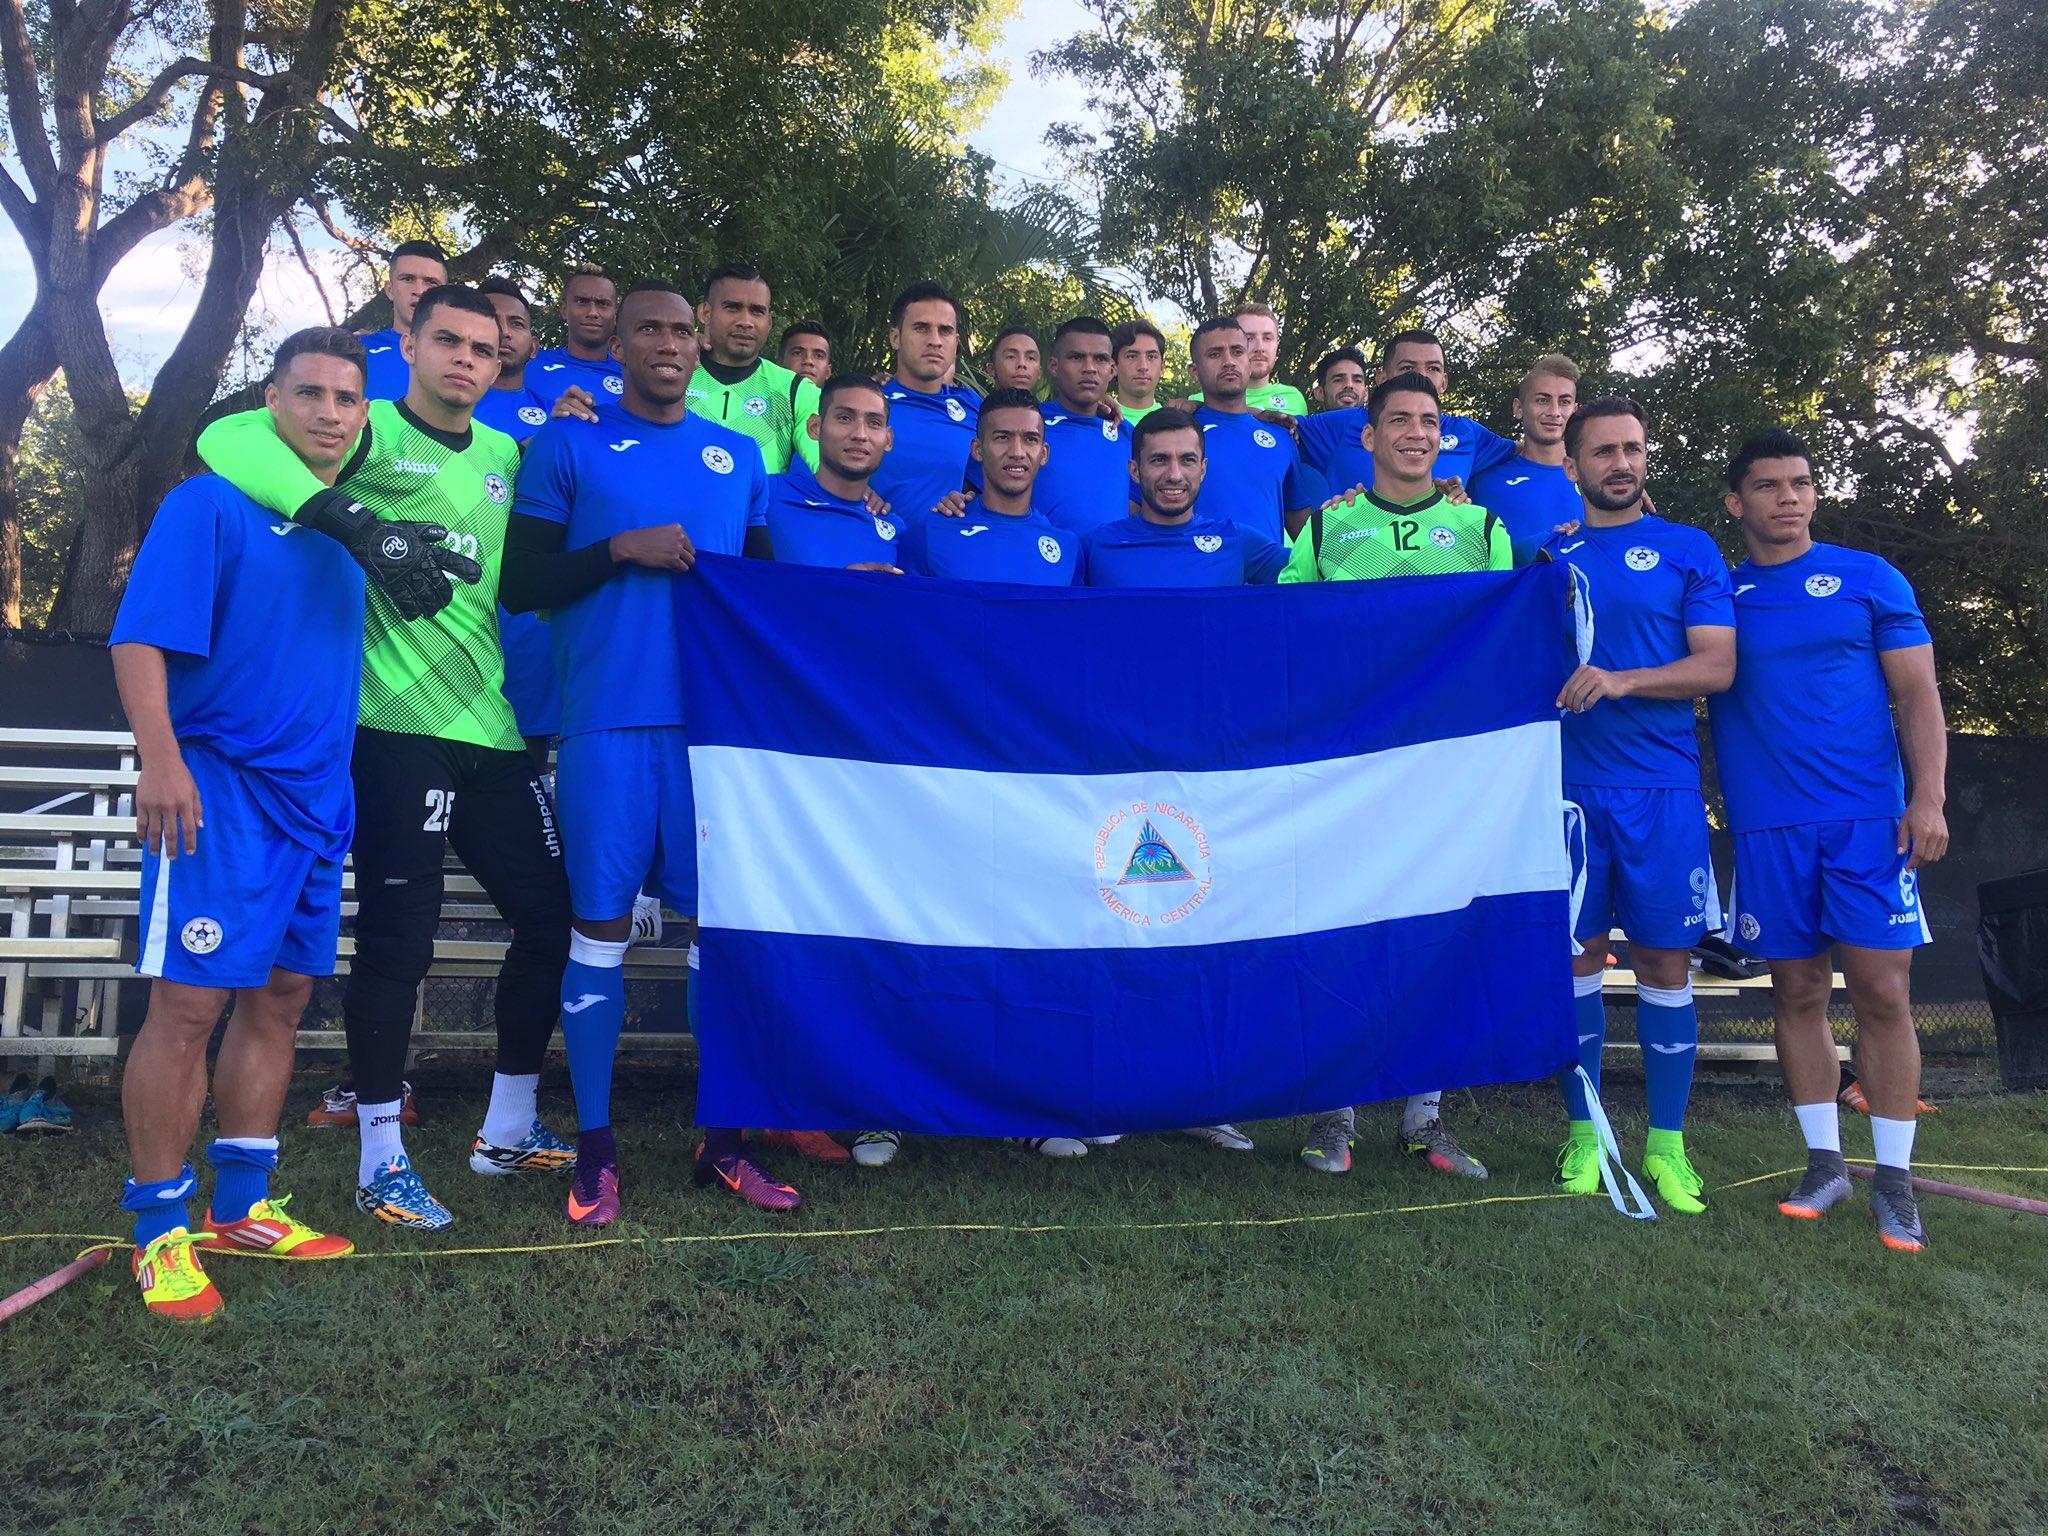 La Selección Nicaragüense de Futbol posa con la bandera del país antes de su primer entrenamiento en Estados Unidos. Foto: Cortesía